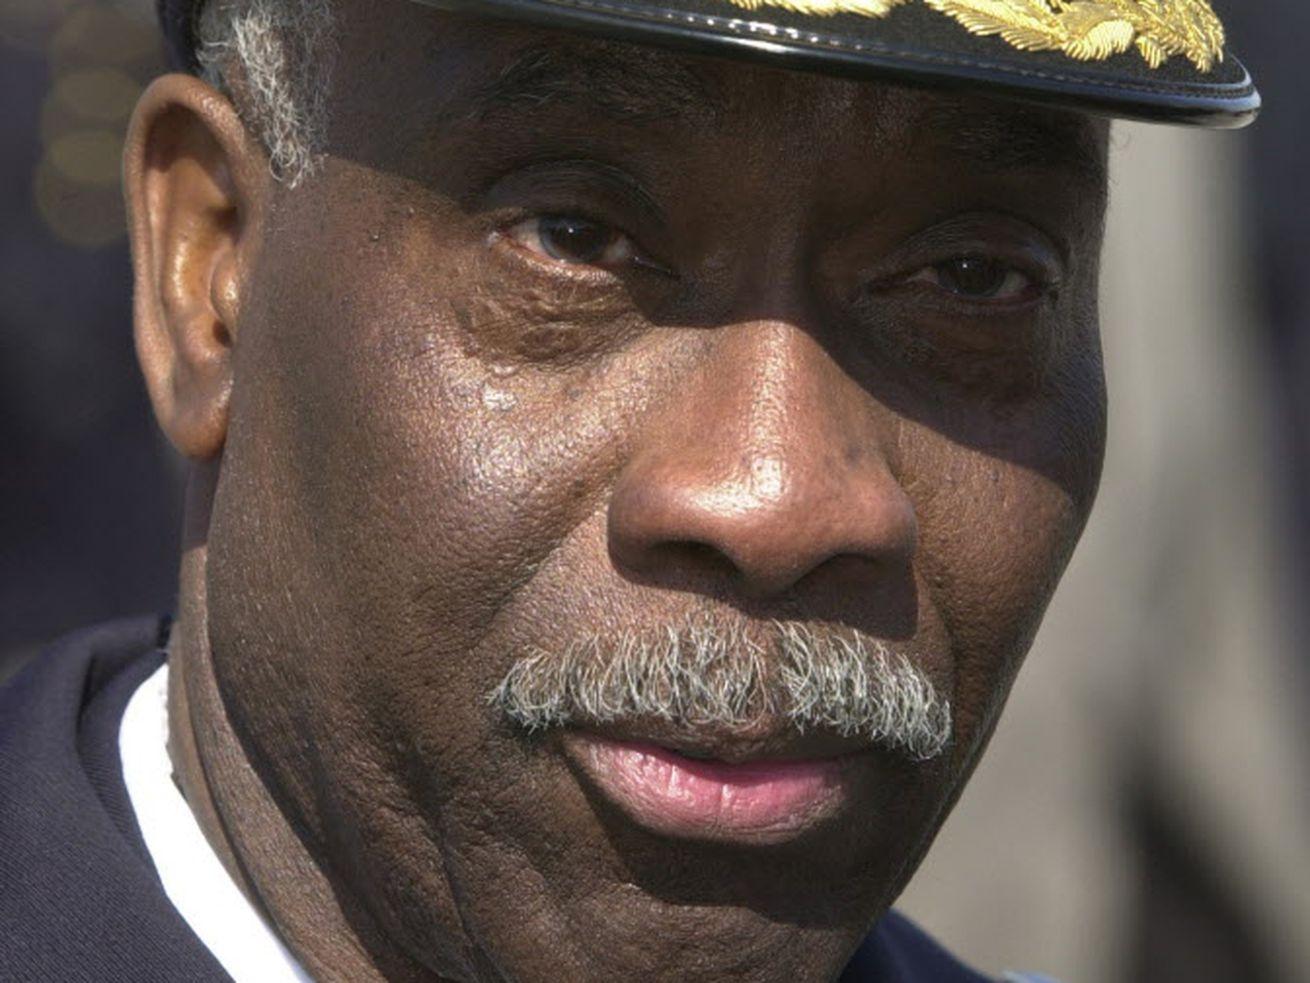 Former Chicago Police Supt. Terry Hillard